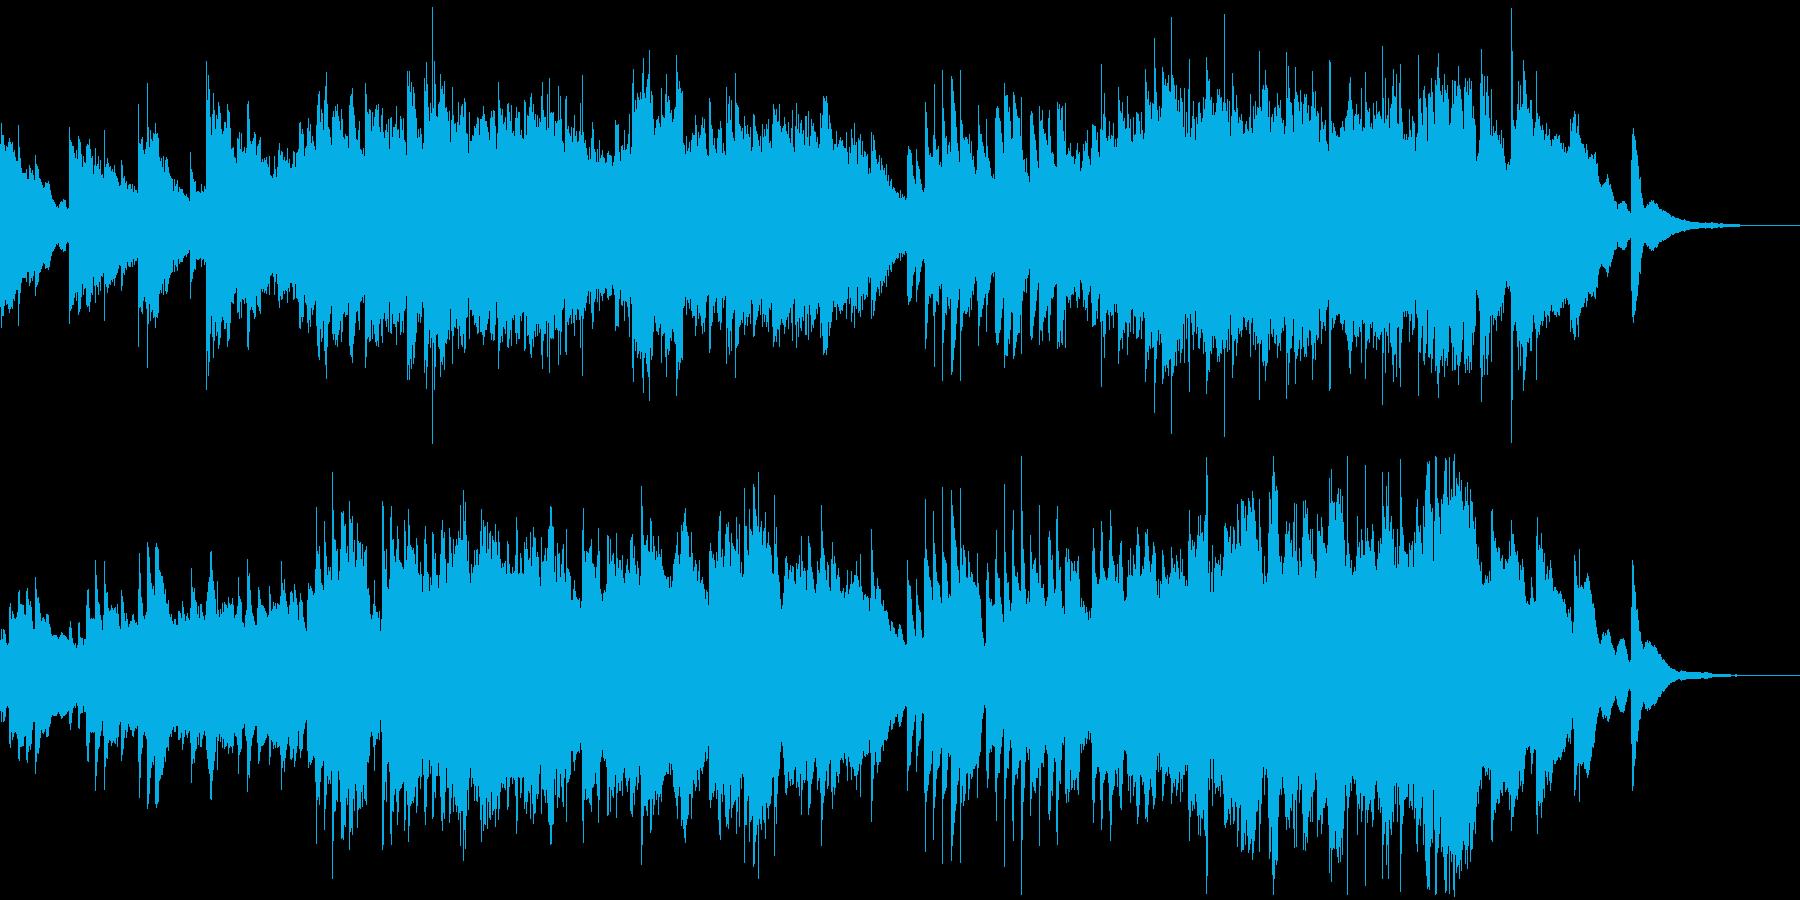 叙情的なバラード調の楽曲です。ピアノと…の再生済みの波形